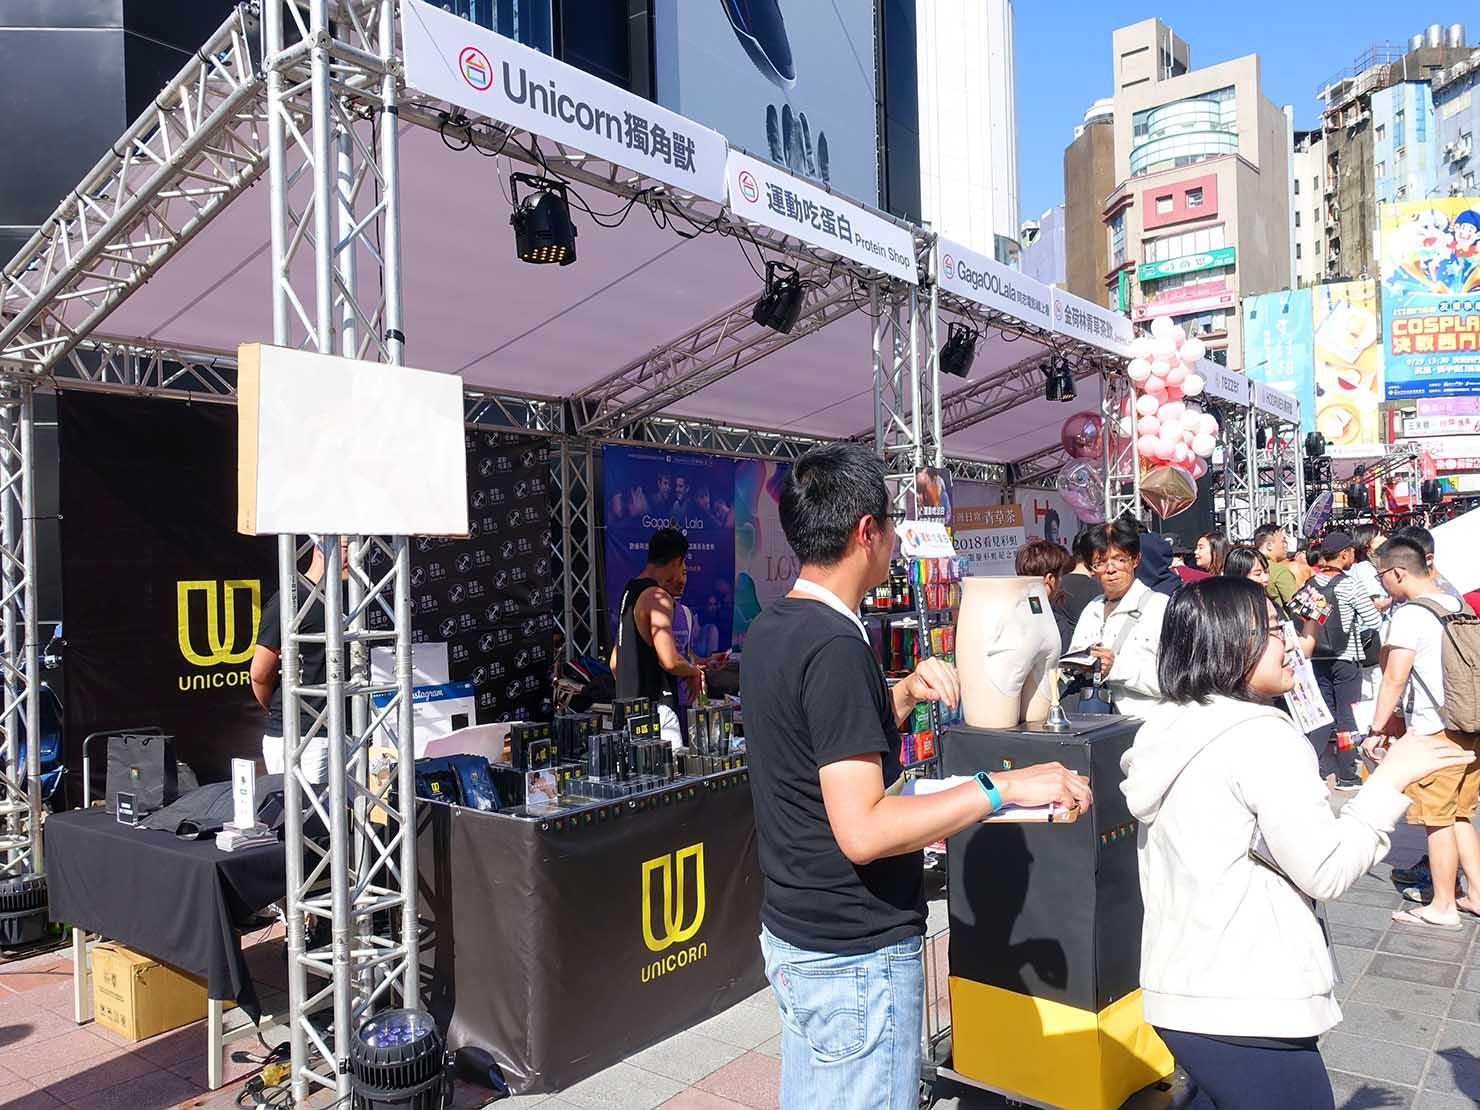 台北市國際彩虹文化祭にブース出展する台湾のメンズコスメブランド「UNICORN」